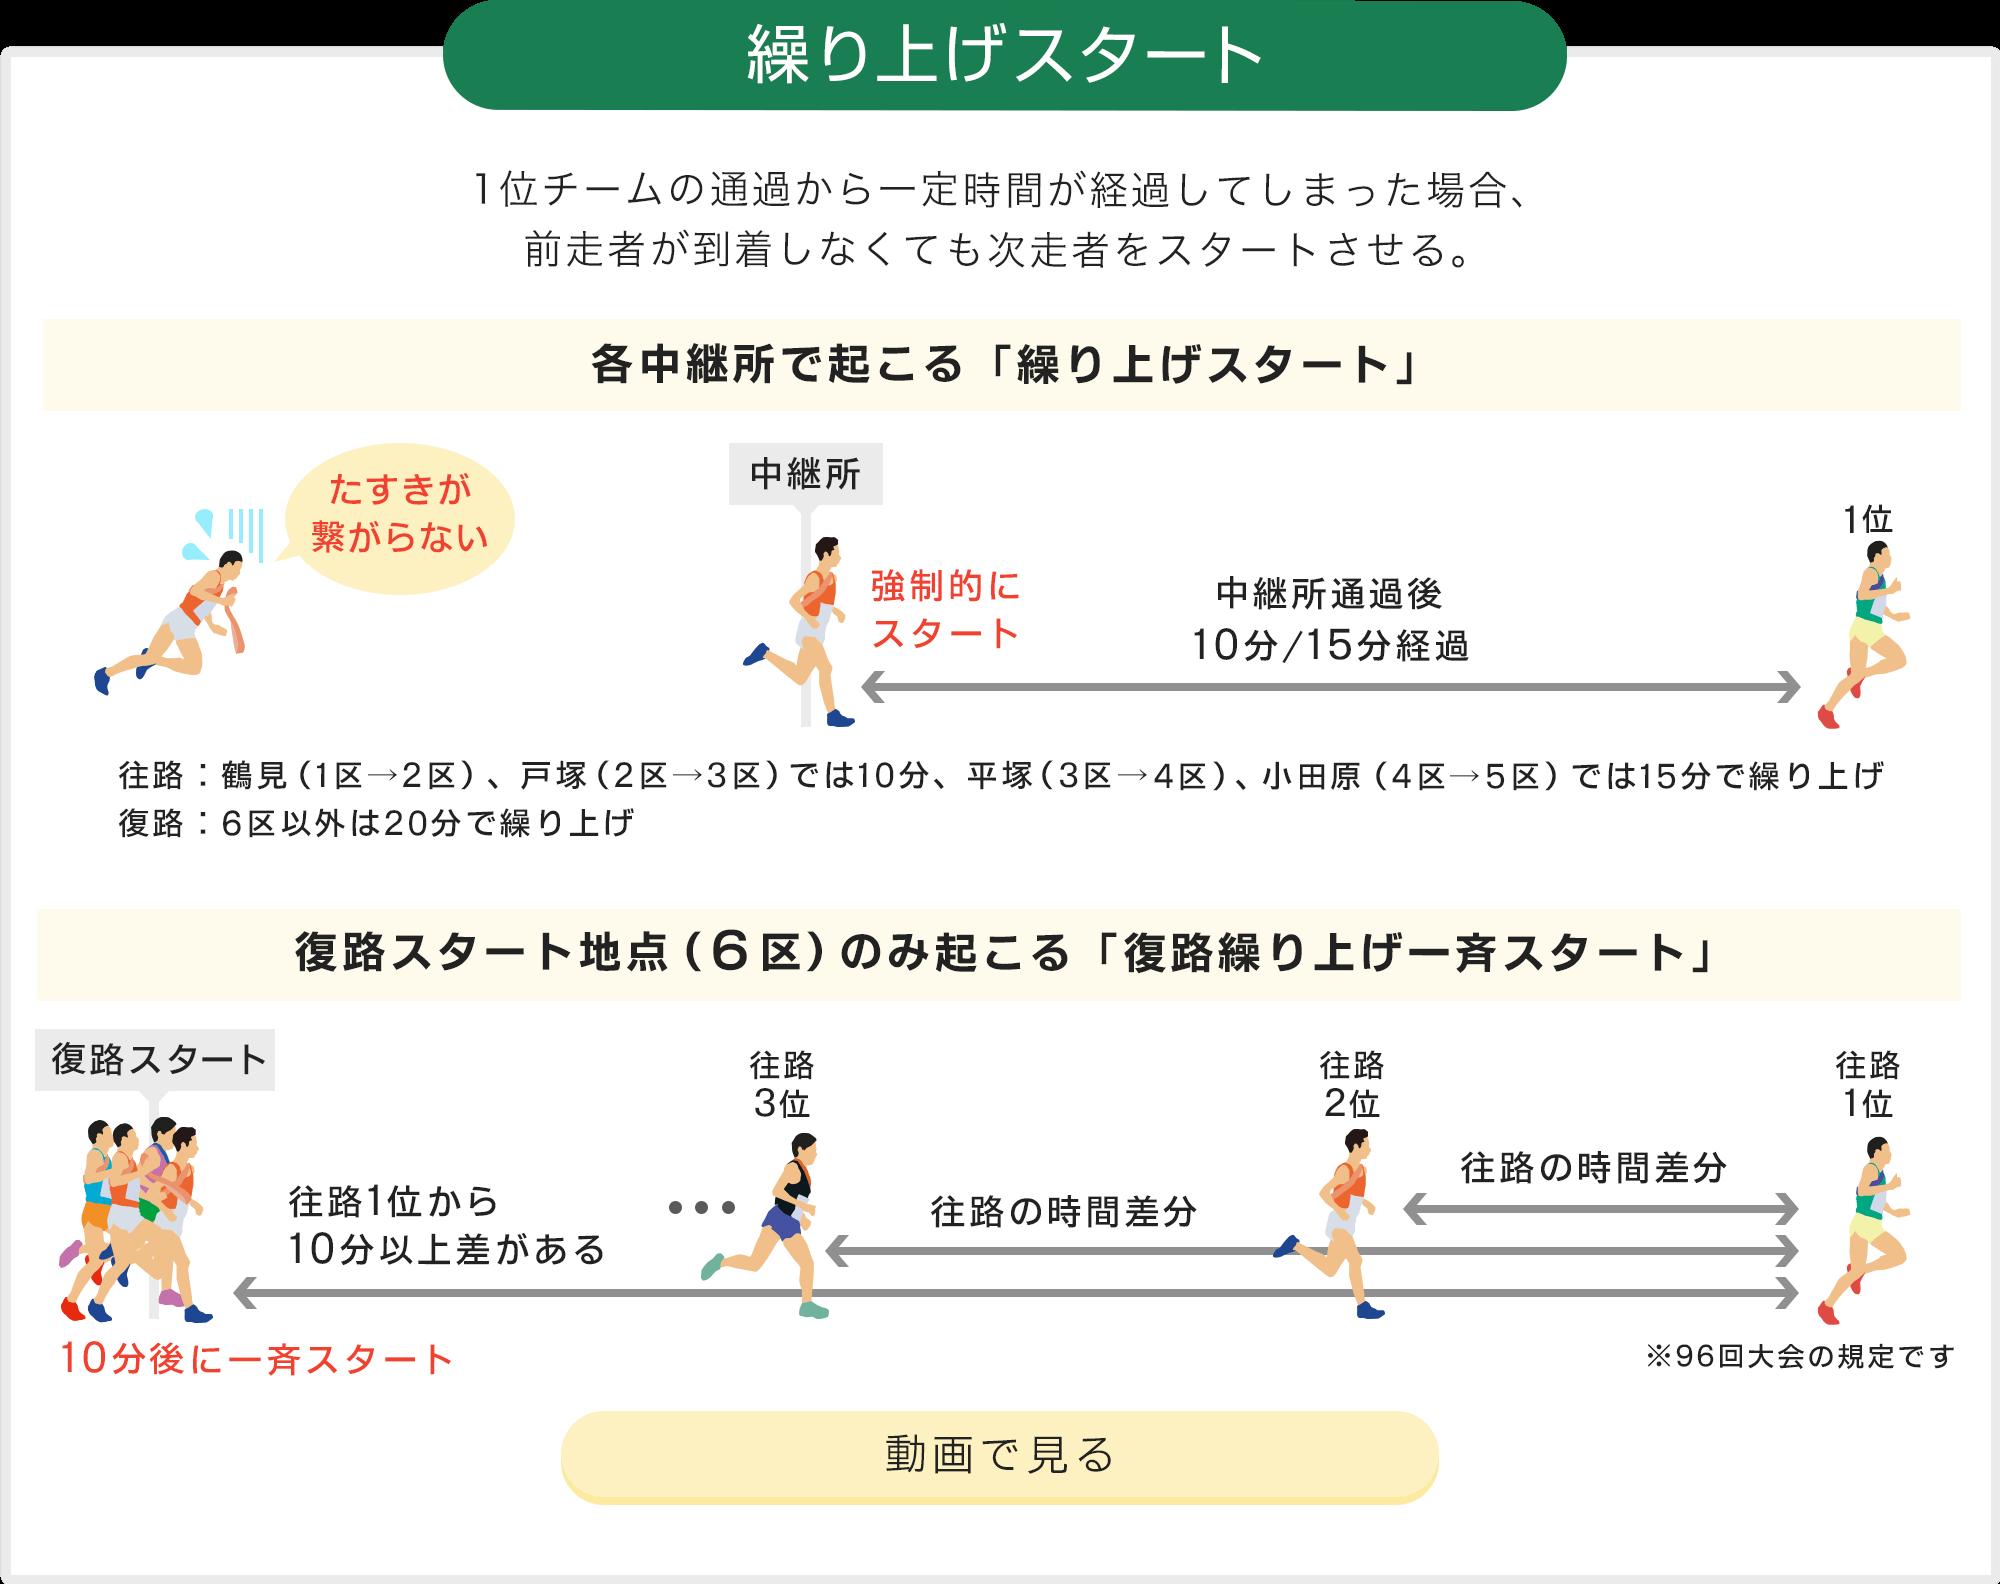 繰り上げスタート 一定時間が経過してしまった場合、前走者が到着しなくても次走者をスタートさせる。